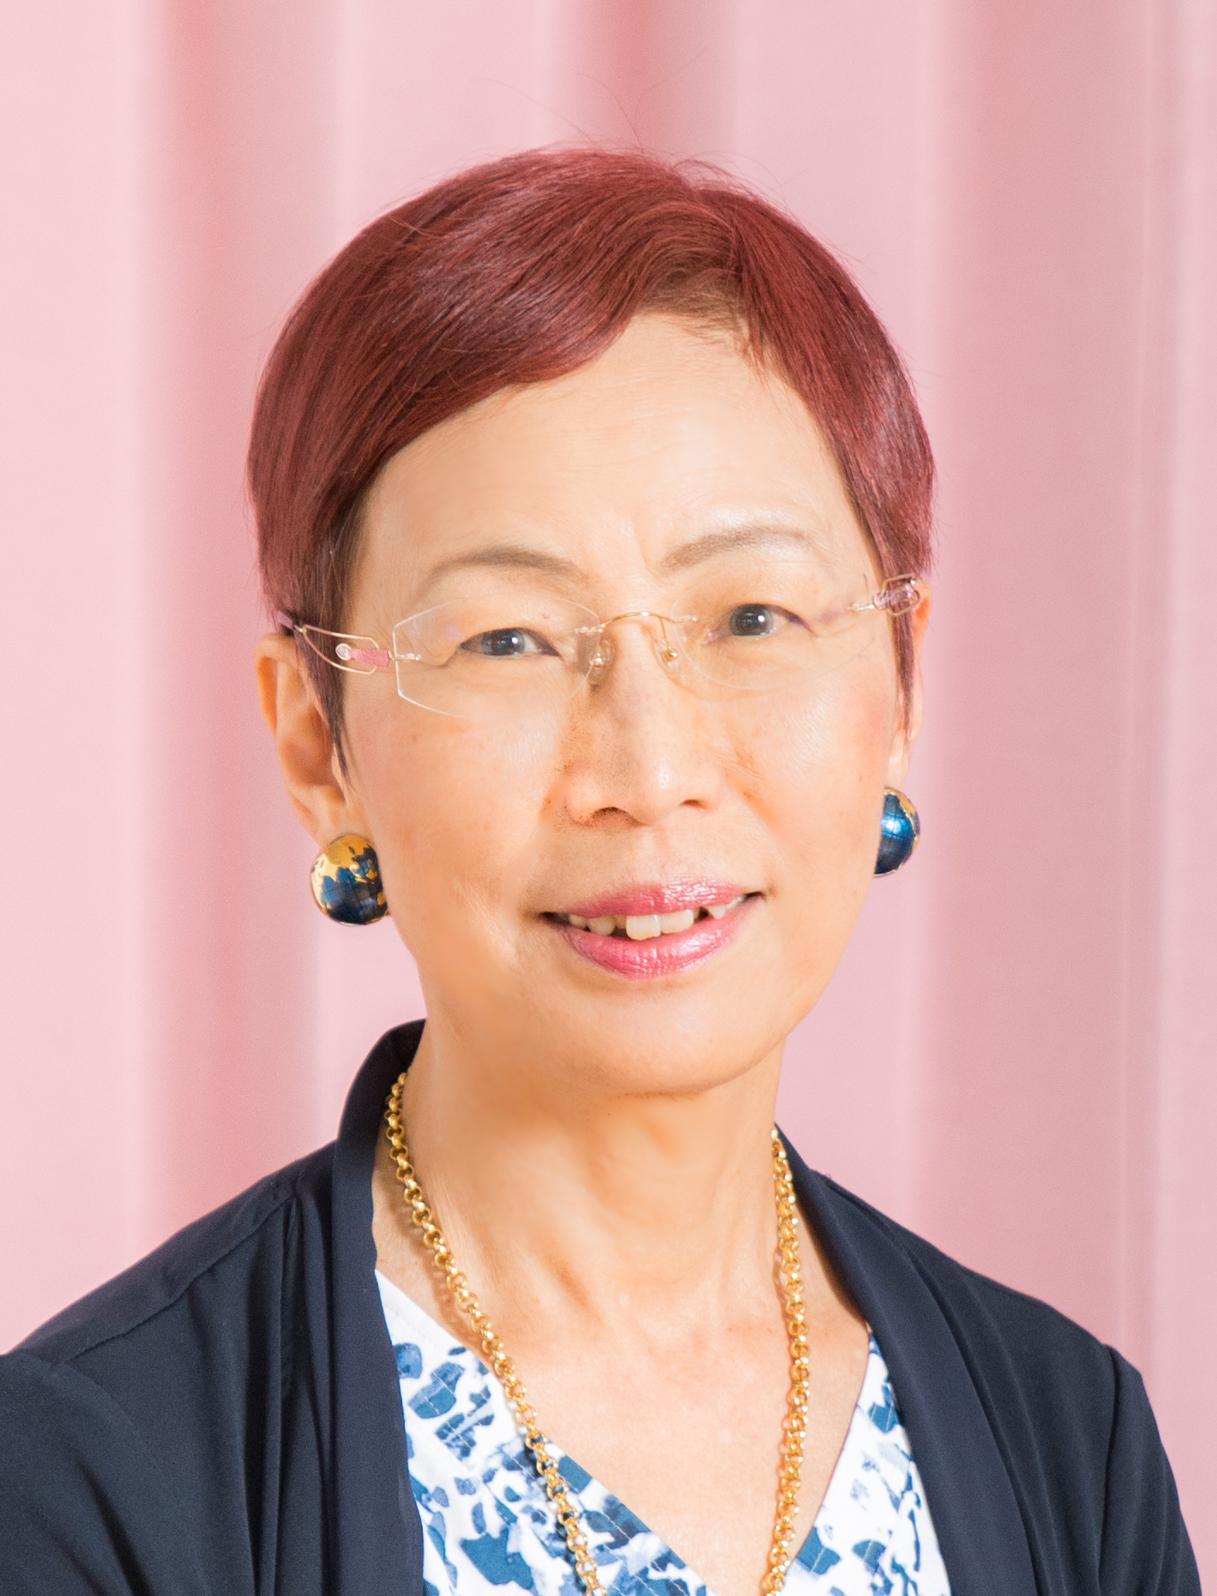 https://tokyo.unfpa.org/sites/default/files/shang_ye_qian_he_zi_shi_xie_zhen_qing_shui_mei_zi_cuo_ying_tobi_zuru_reru.jpg